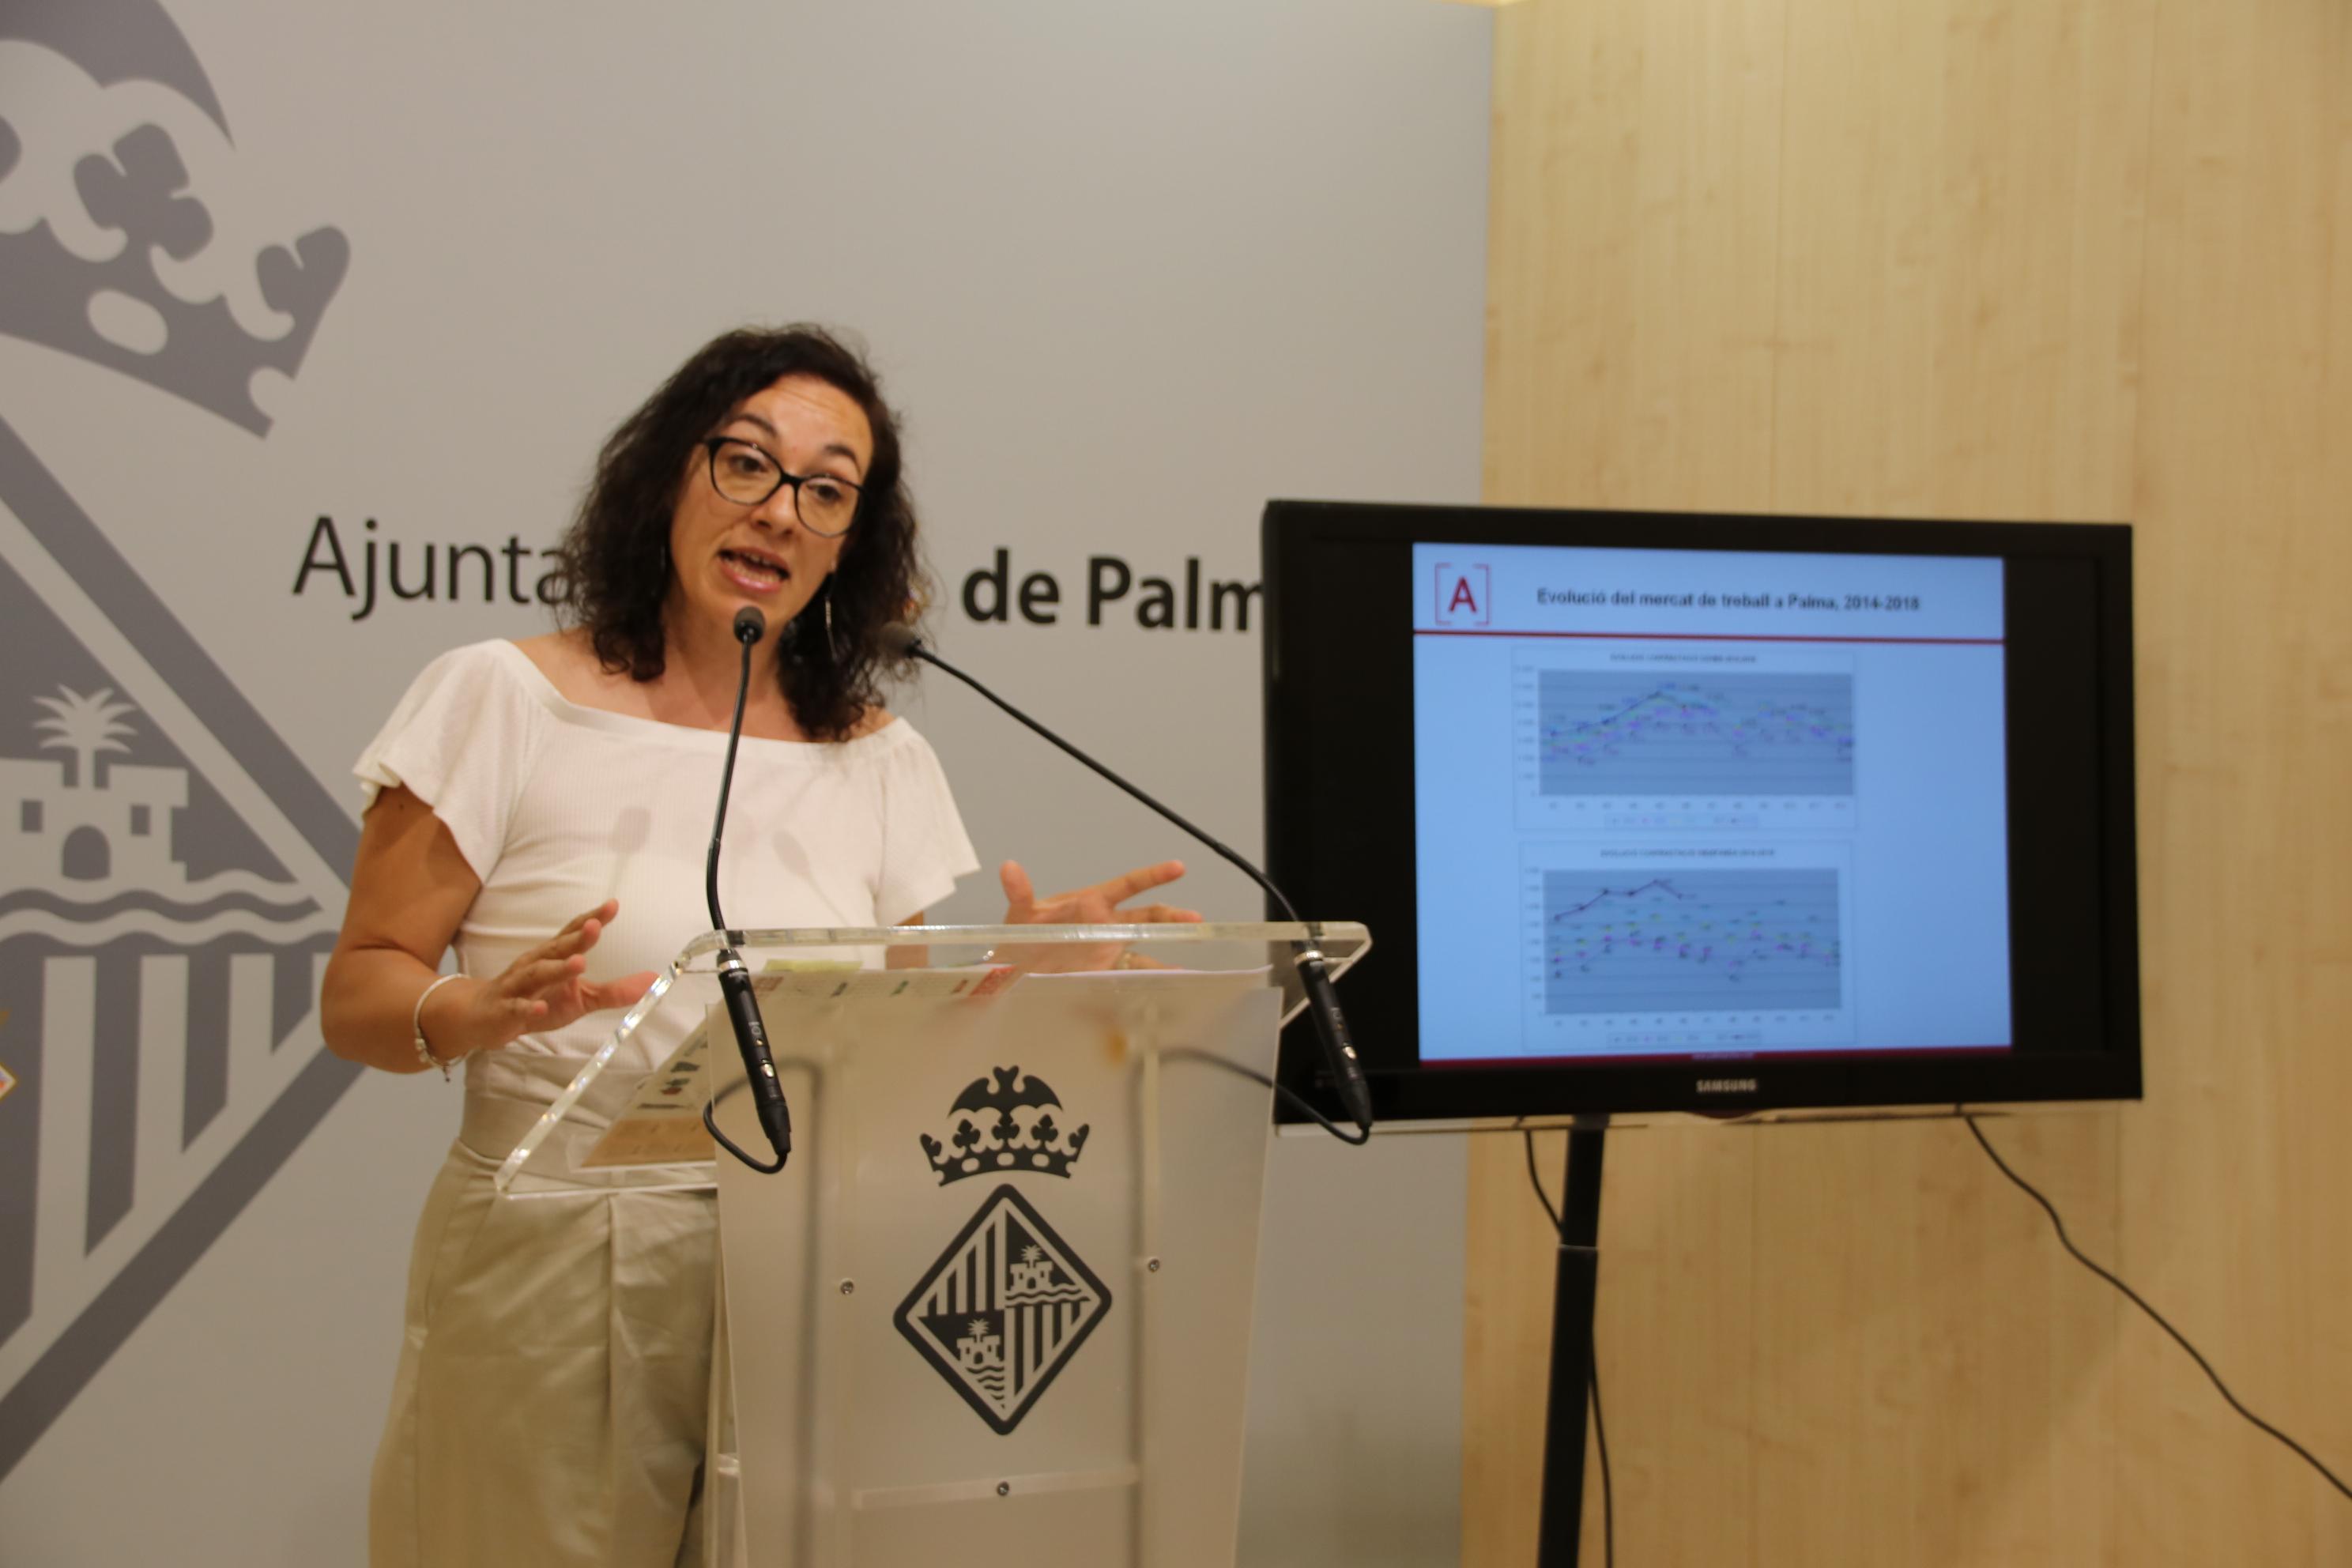 Continua l'evolució positiva del Mercat de Treball a Palma, tant a l'increment d'ocupació com al descens de l'atur